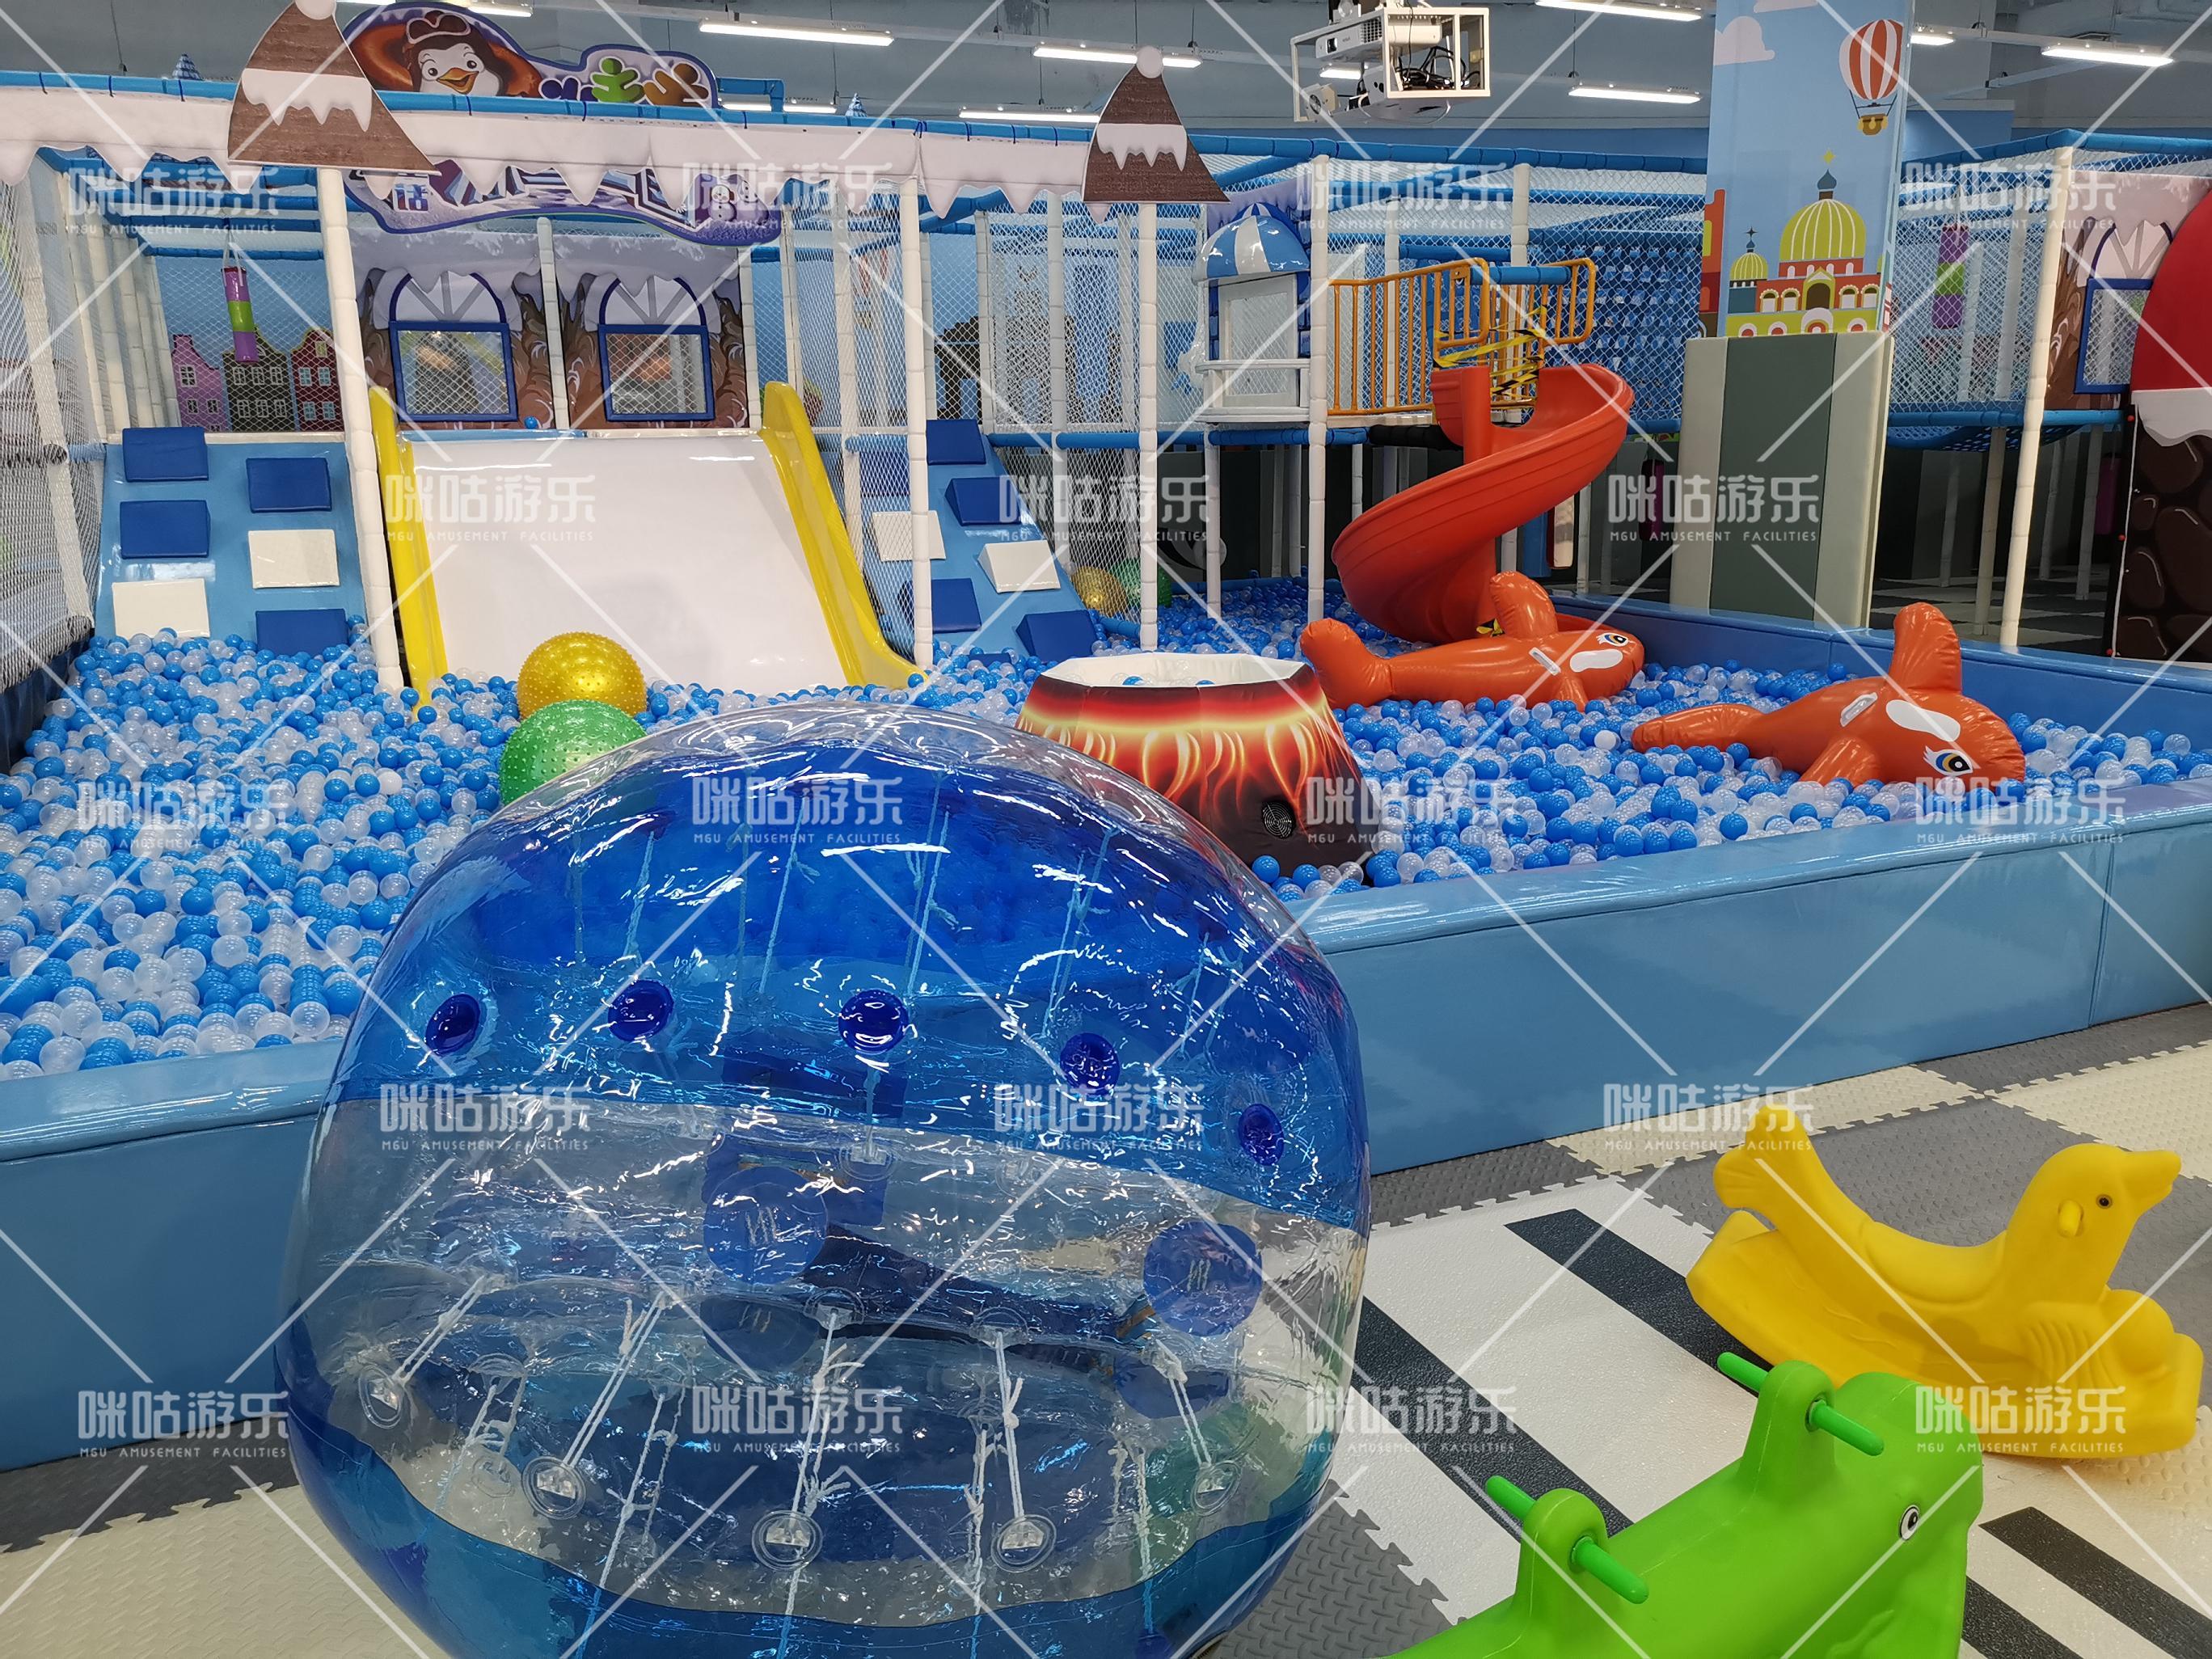 微信图片_20200429160027.jpg 定西大型儿童乐园设施 加盟资讯 游乐设备第3张